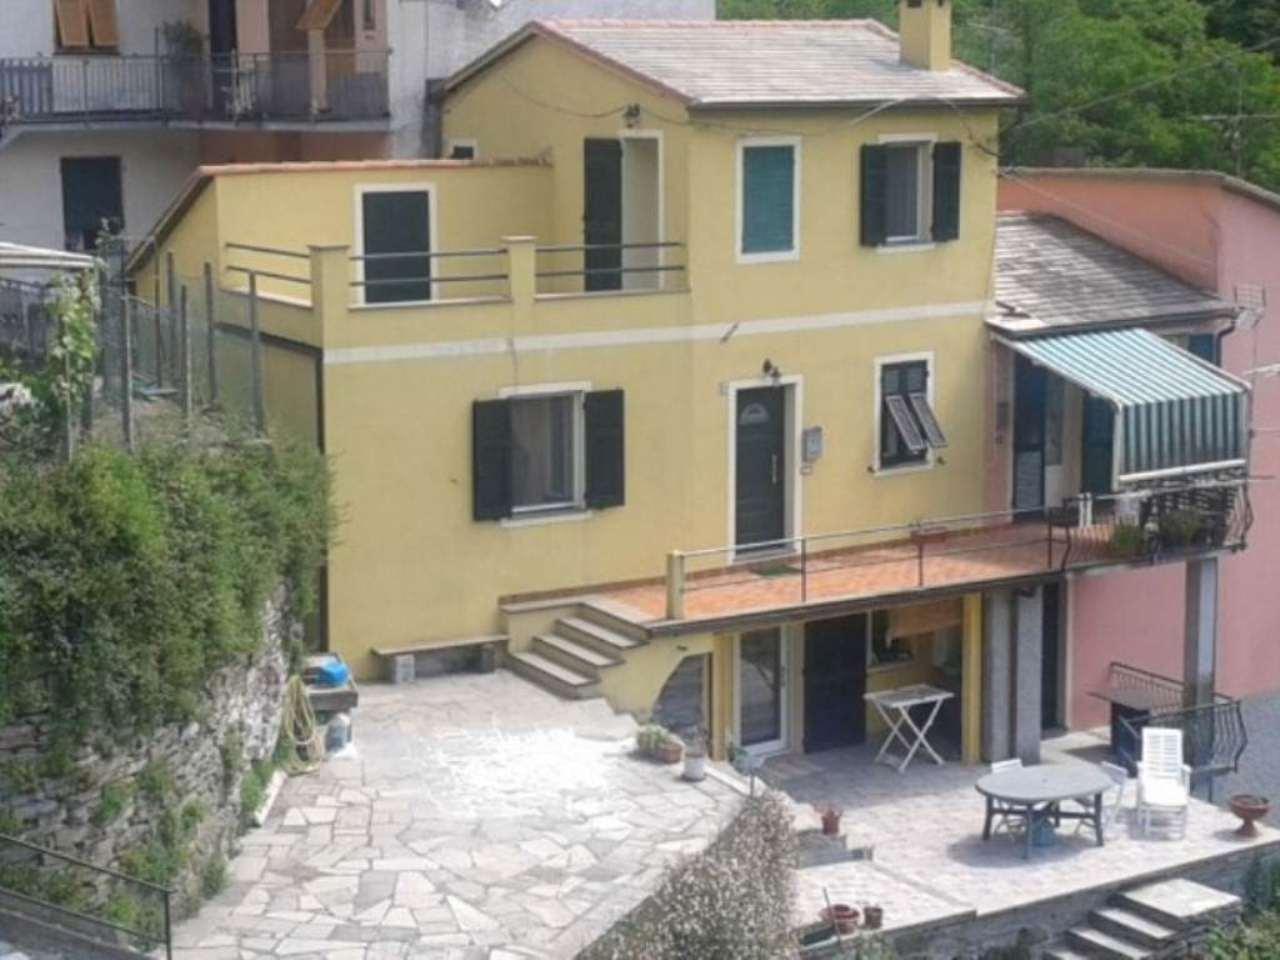 Soluzione Indipendente in vendita a Cicagna, 4 locali, prezzo € 120.000 | CambioCasa.it